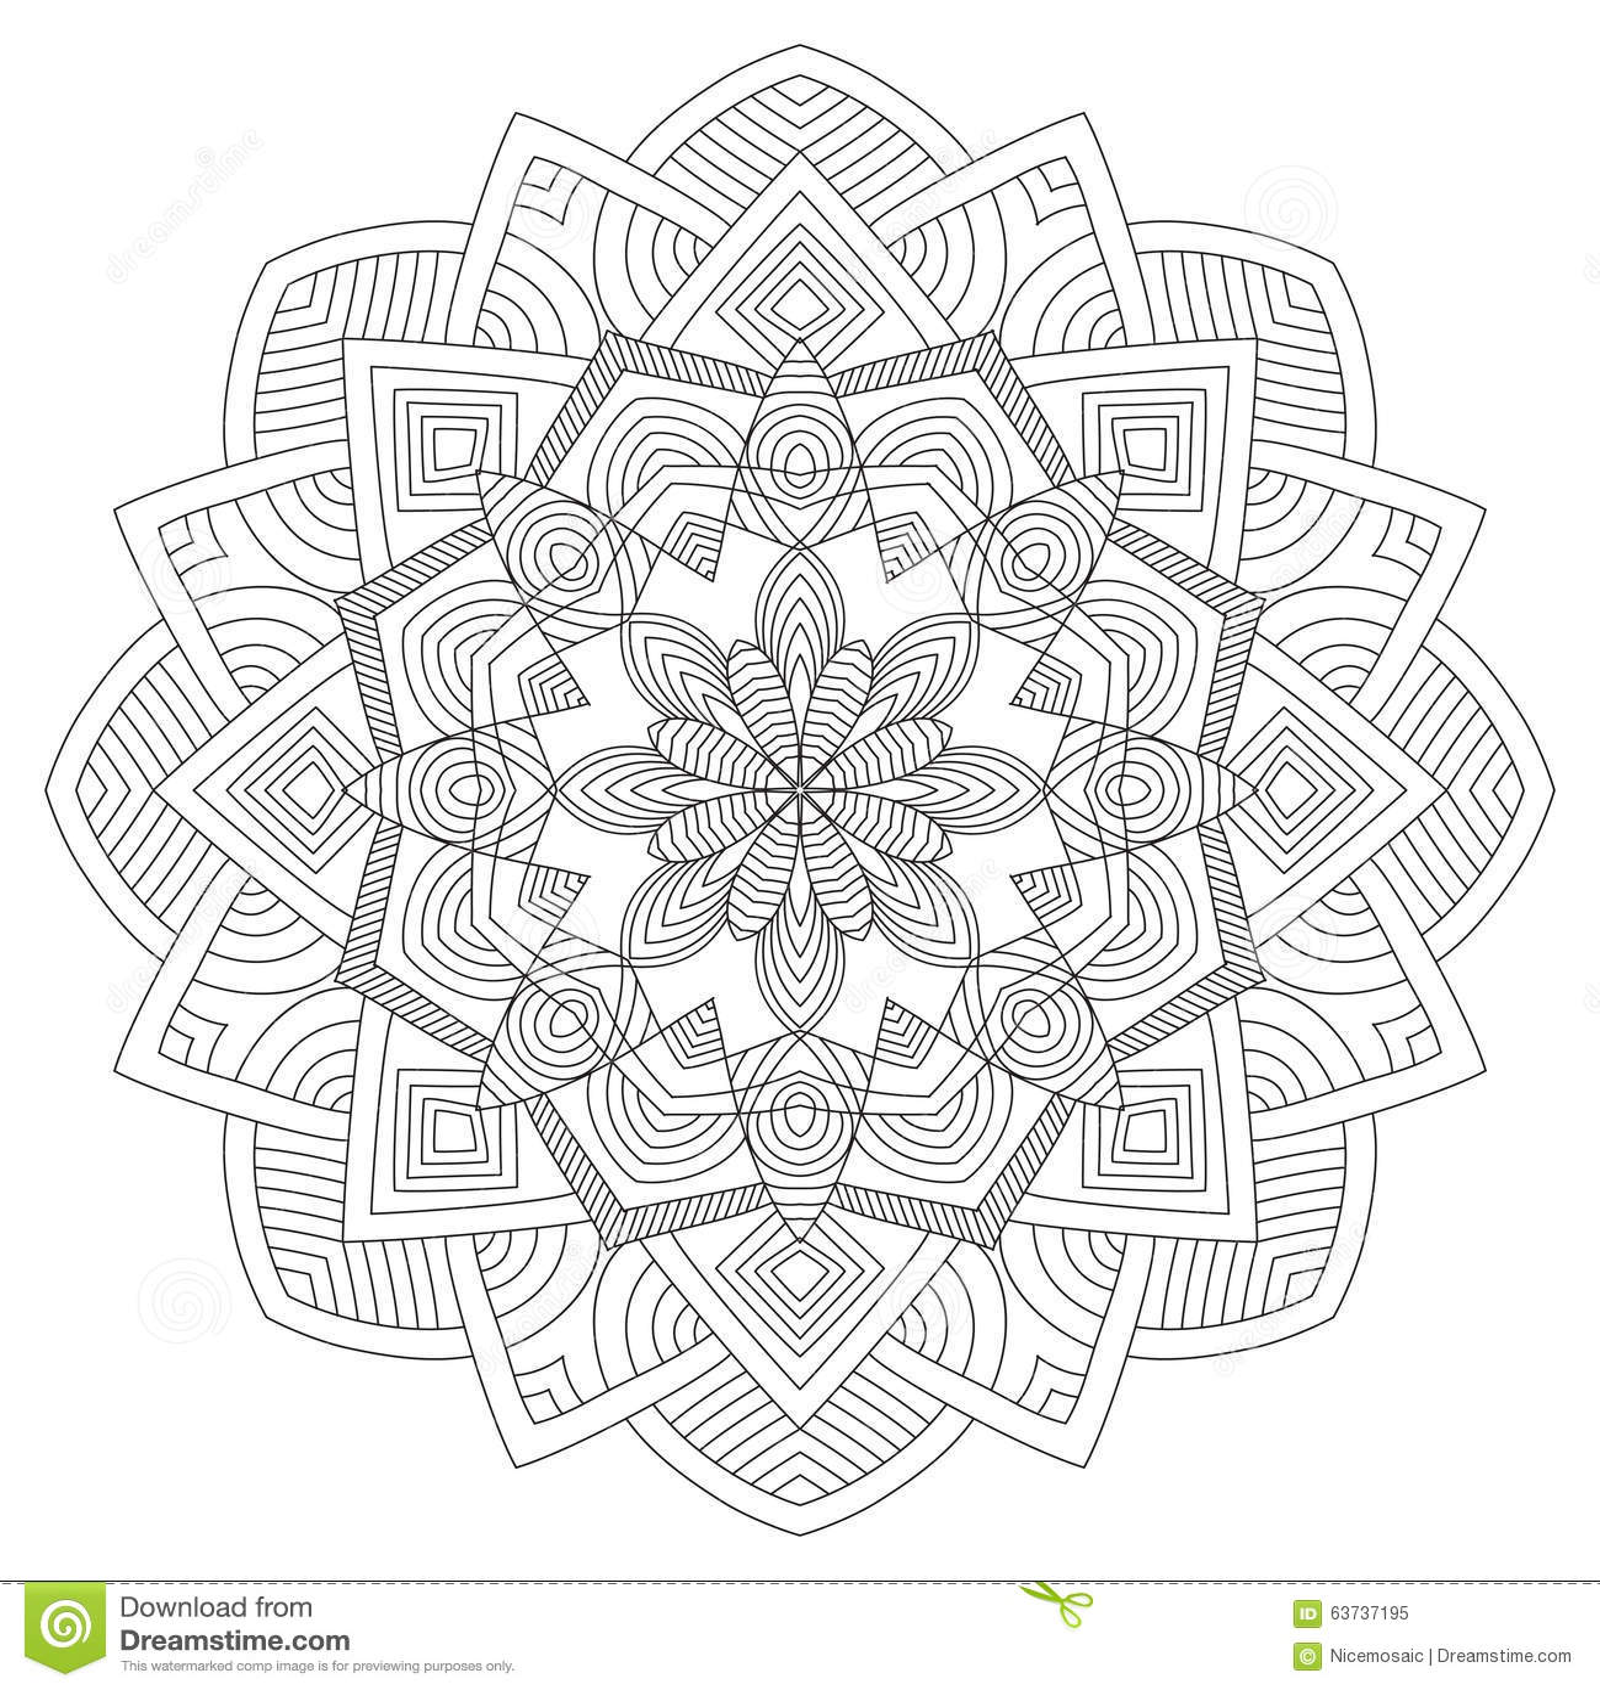 mandala weinlese rundes verzierungs muster islamisch arabisch indisch vektor abbildung bild. Black Bedroom Furniture Sets. Home Design Ideas